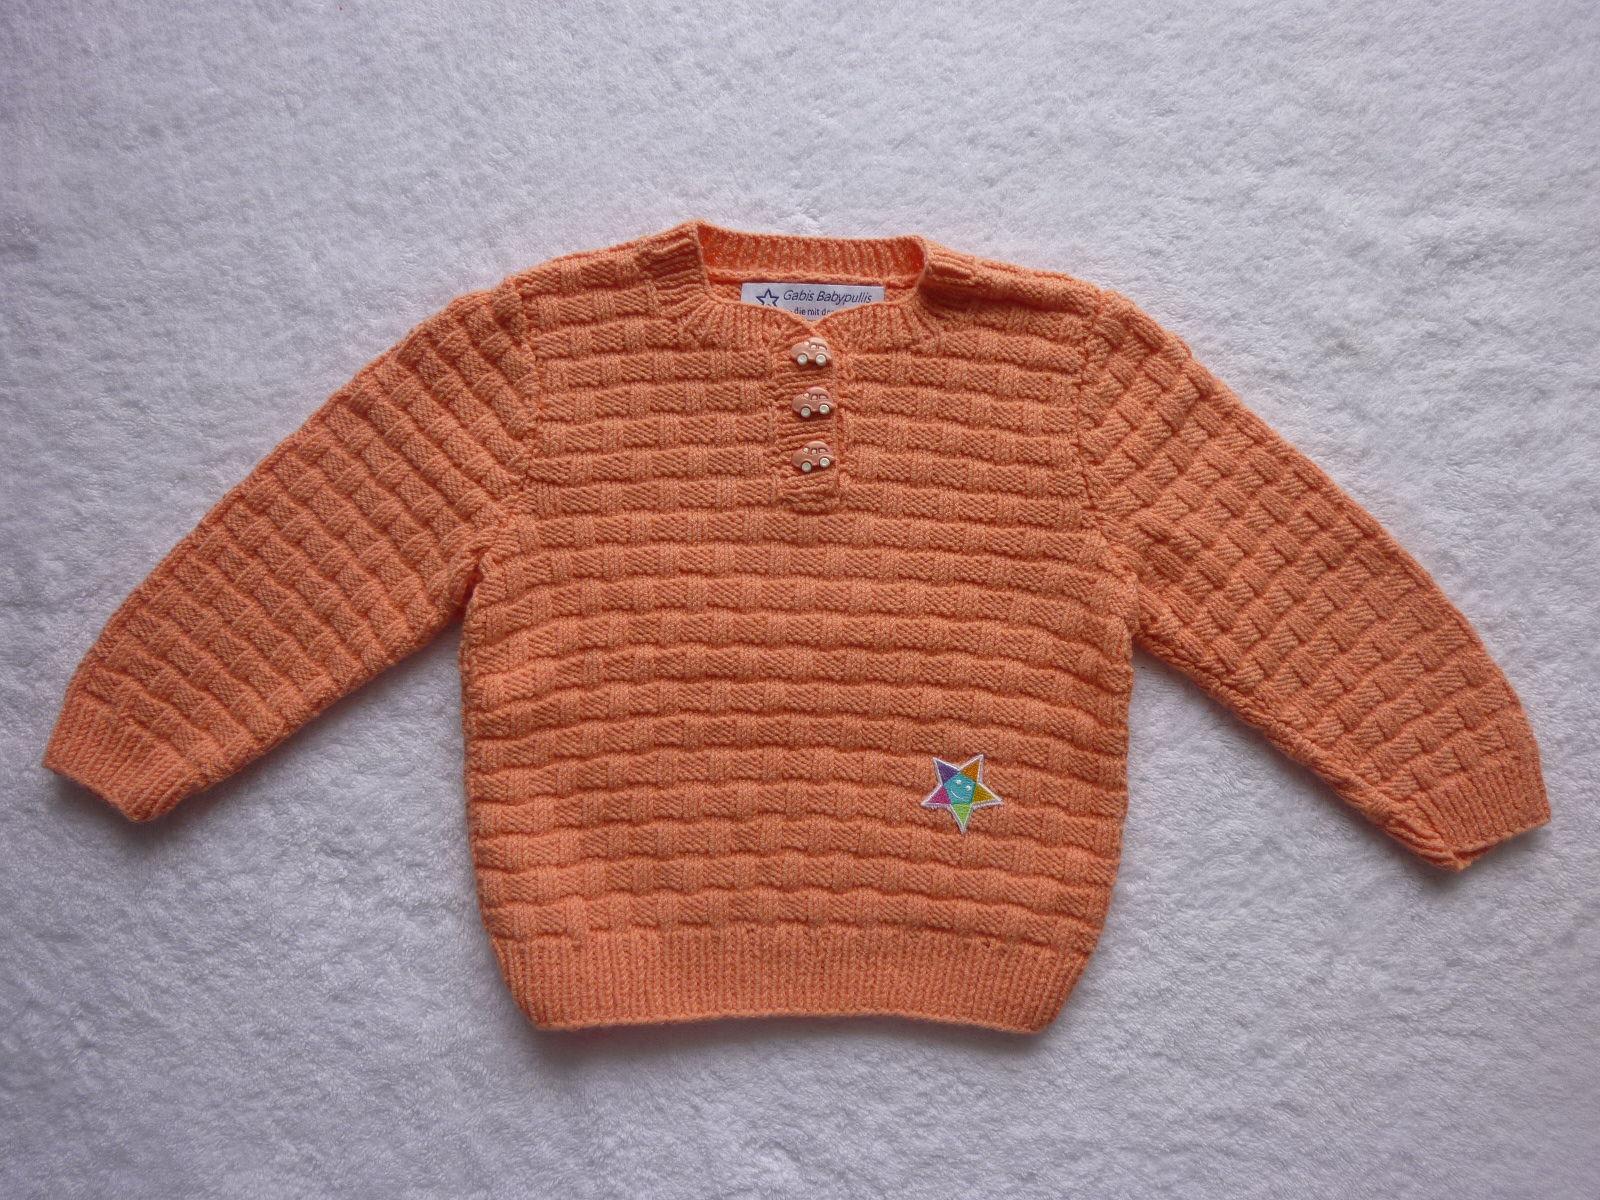 Kleinesbild - Kinderpullover Gr. 86/92 apricot Baumwolle